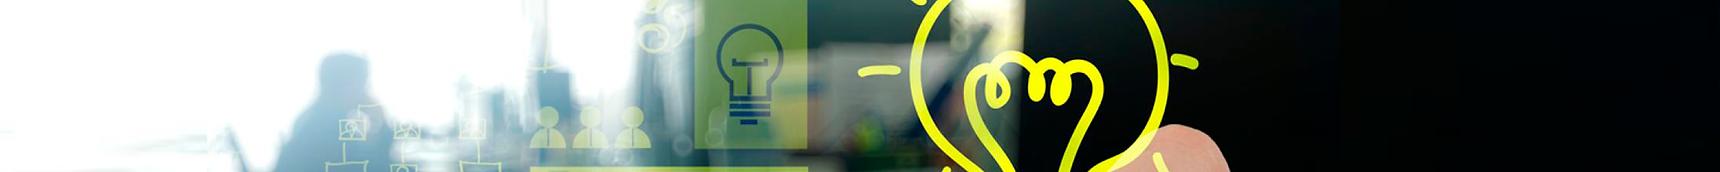 Banner_Empresa.png